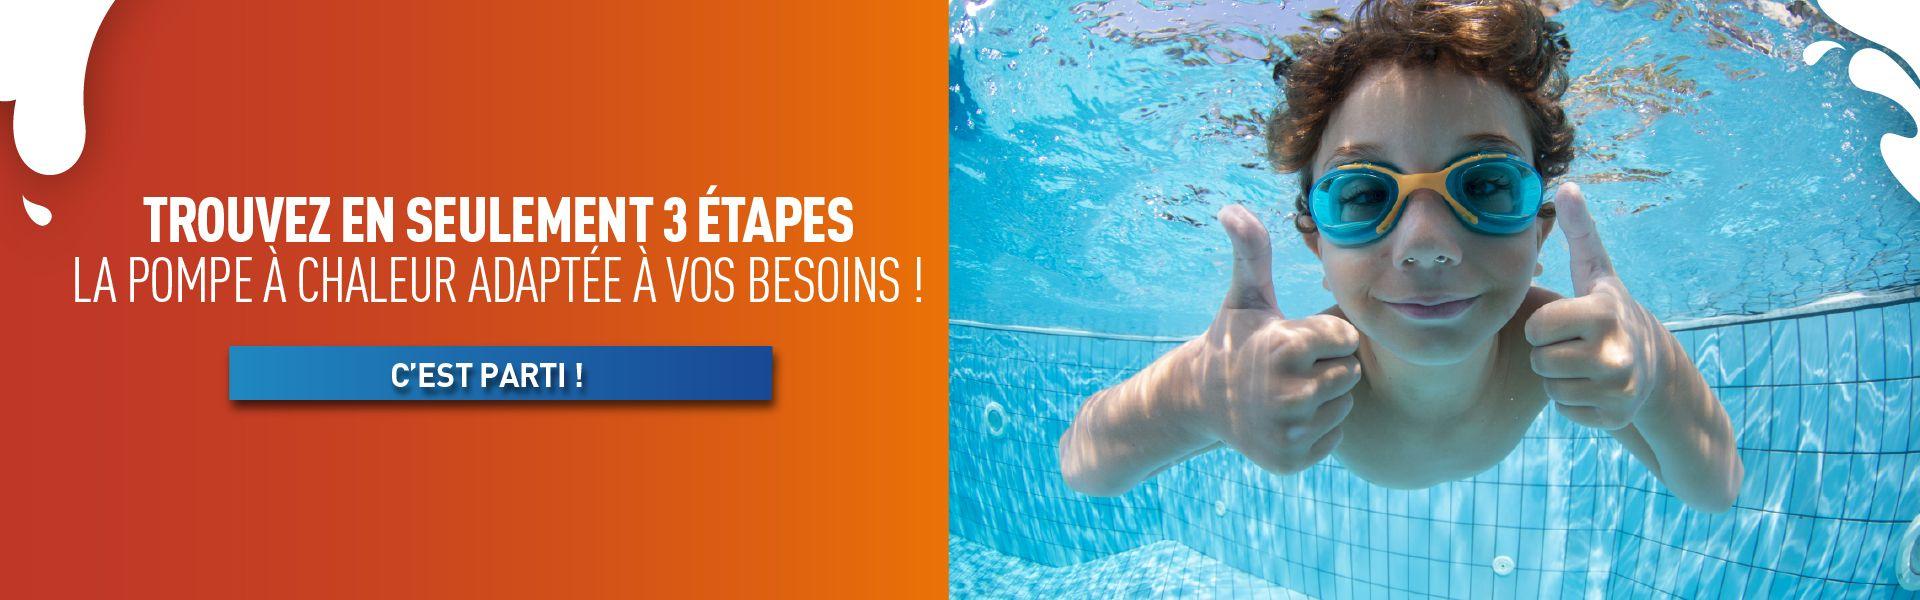 Cash Piscines - Tout Pour La Piscine & Spas Gonflables ... destiné Cash Piscine Toulon